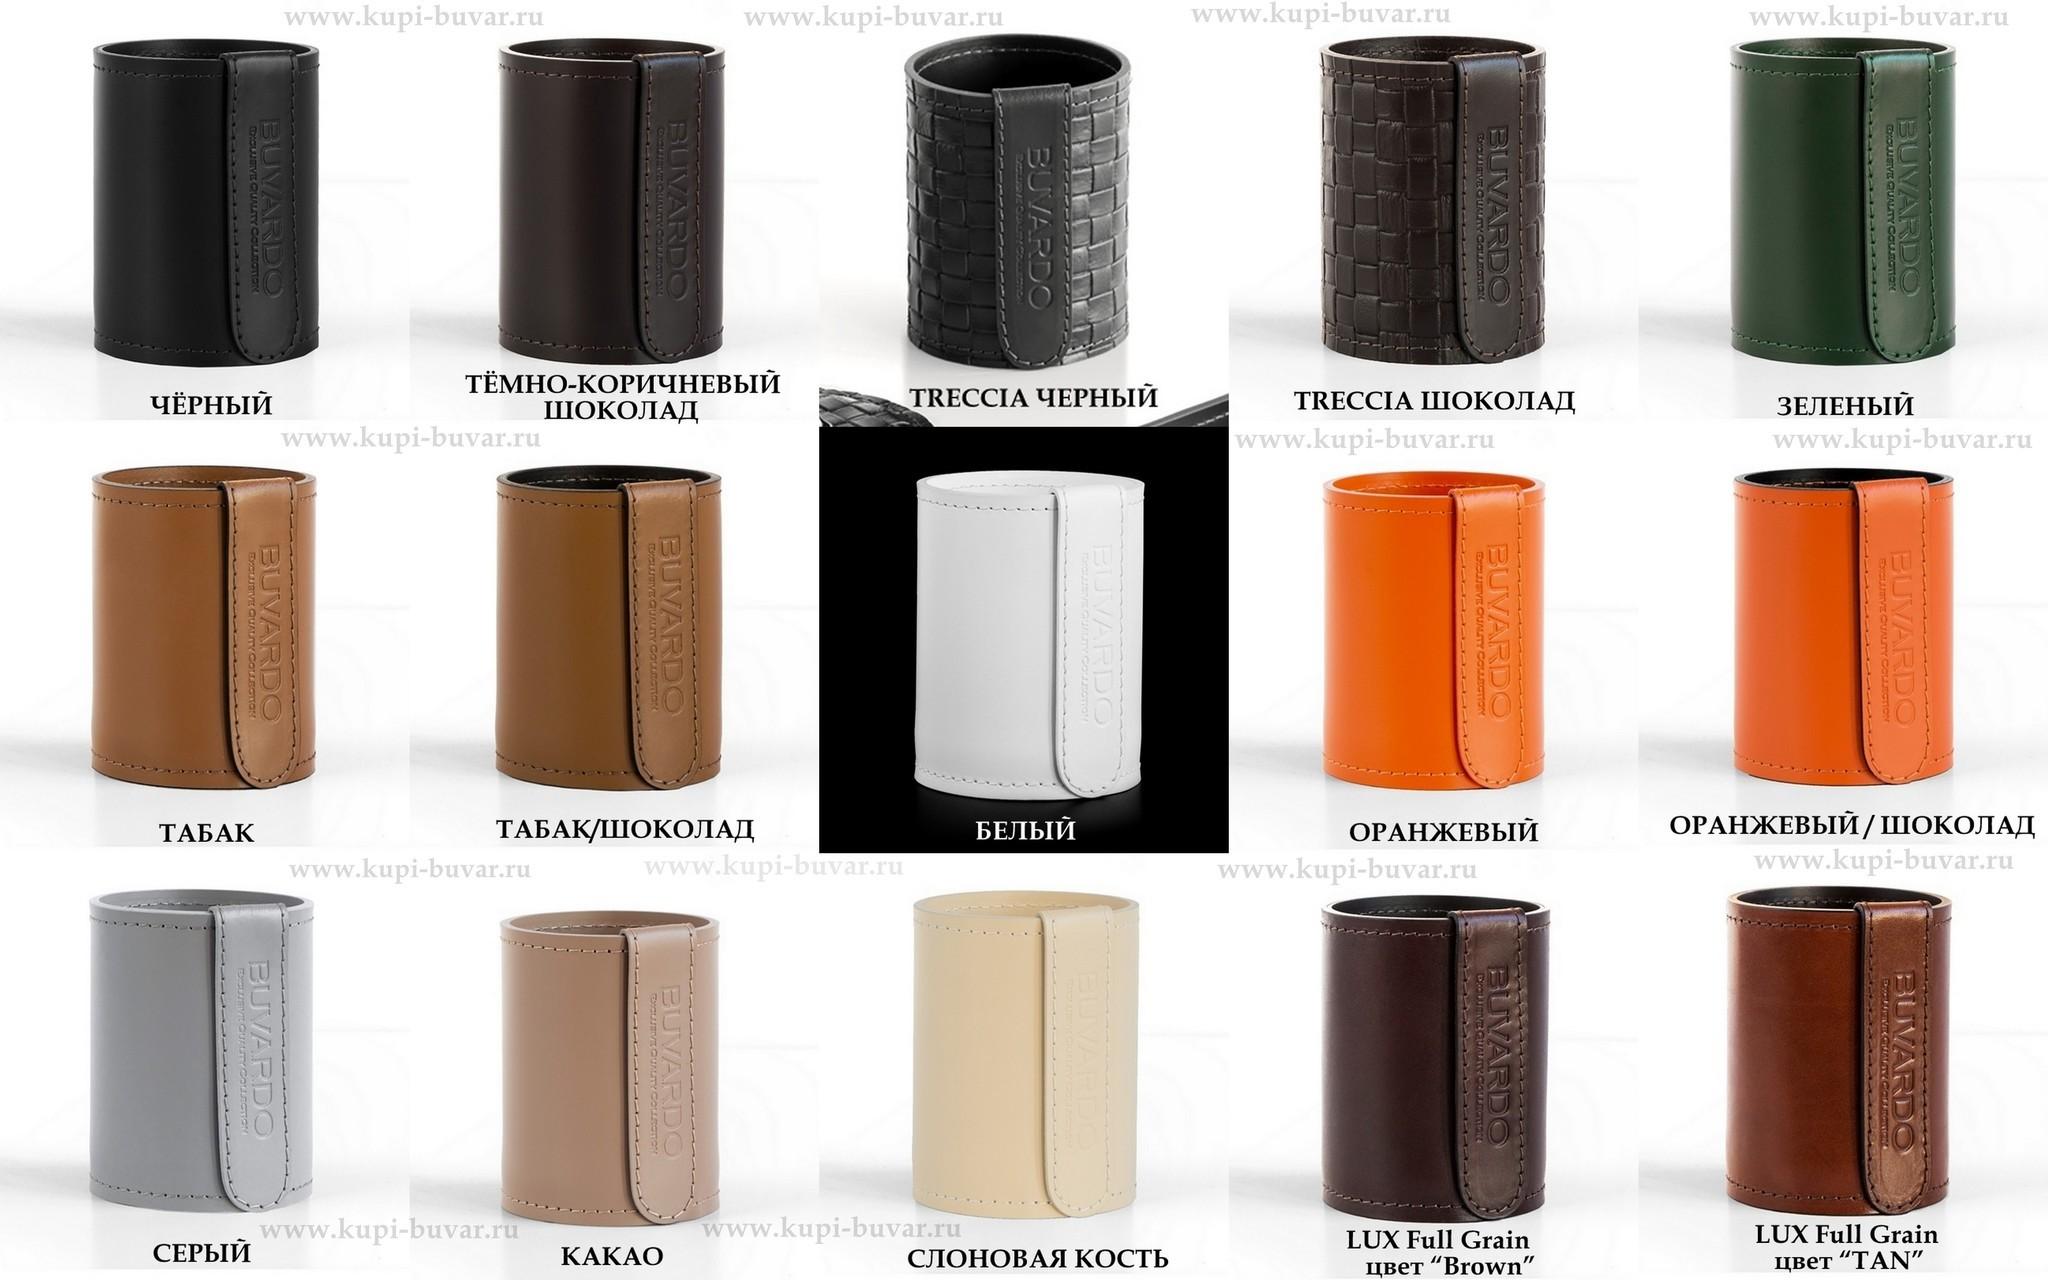 Варианты цвета кожи Cuoietto для набора 60015 5 предметов.